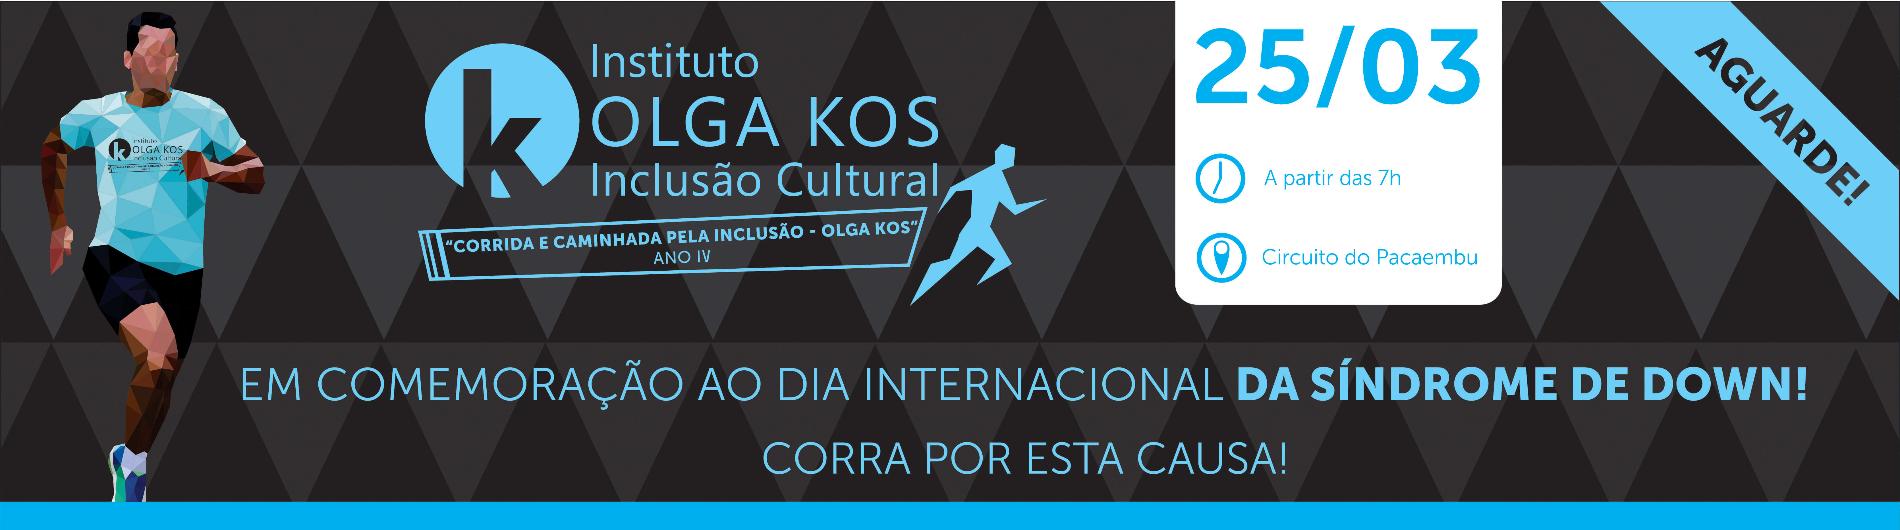 CORRIDA E CAMINHADA PELA INCLUSÃO OLGA KOS - ANO IV - Imagem de topo